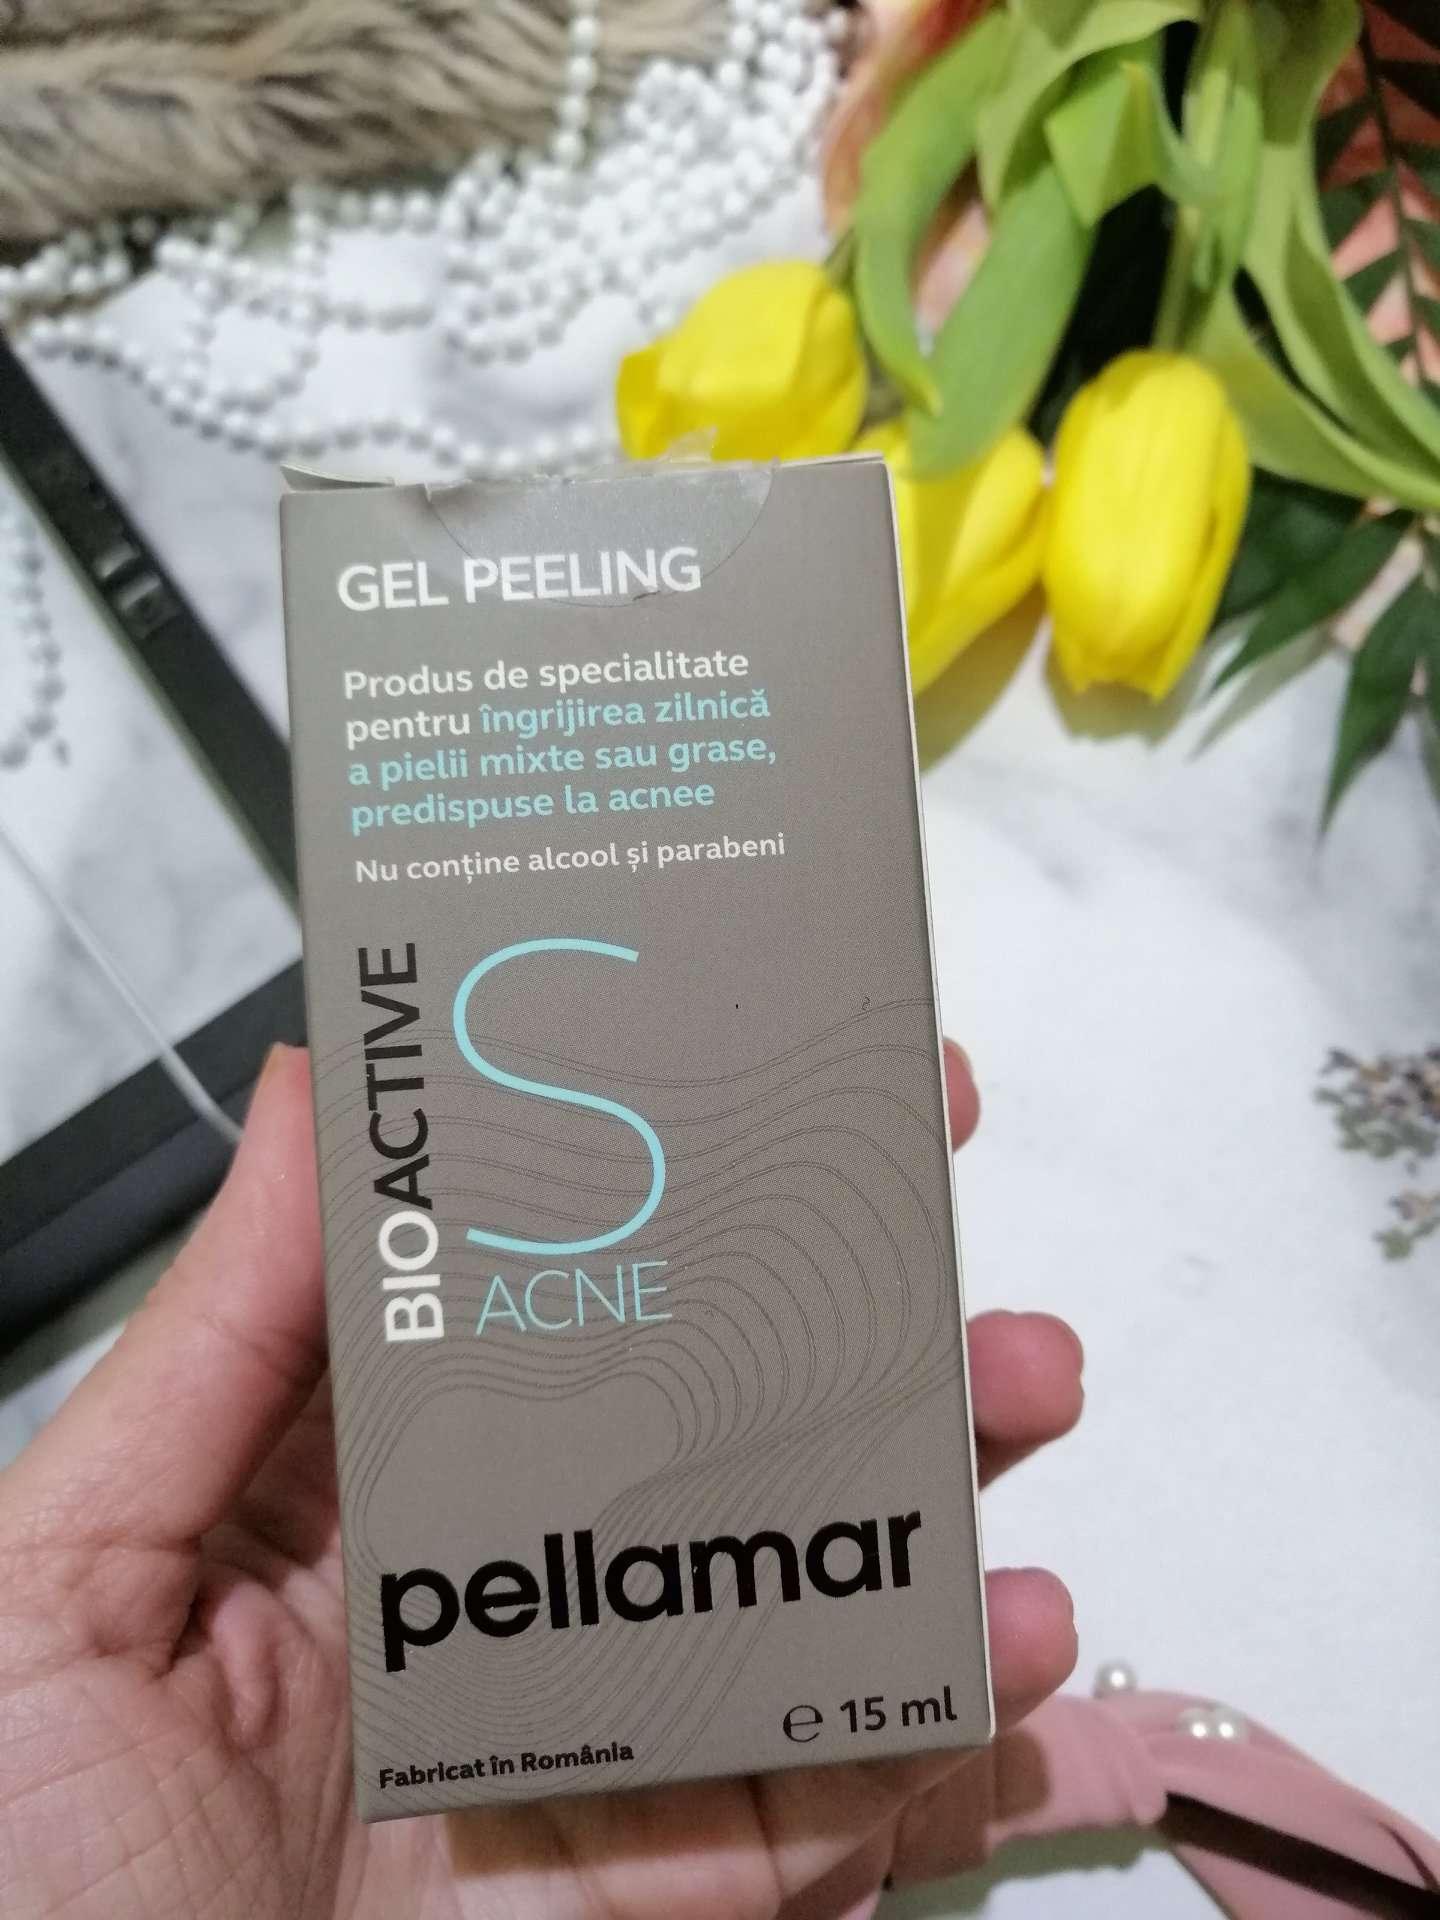 pell amar gel peeling bioactive s acne